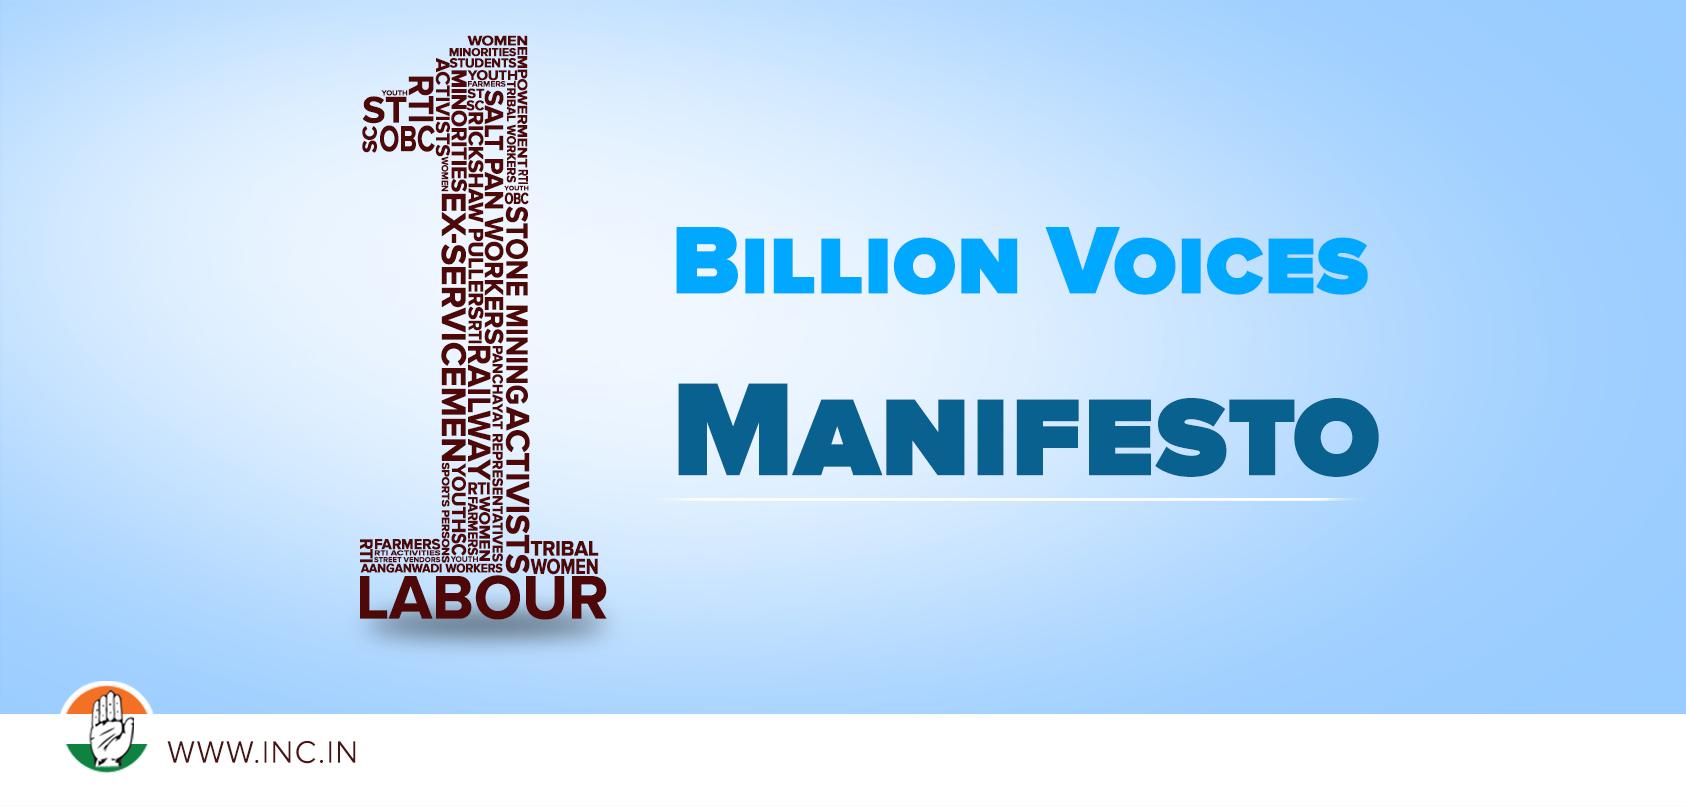 One billion voices